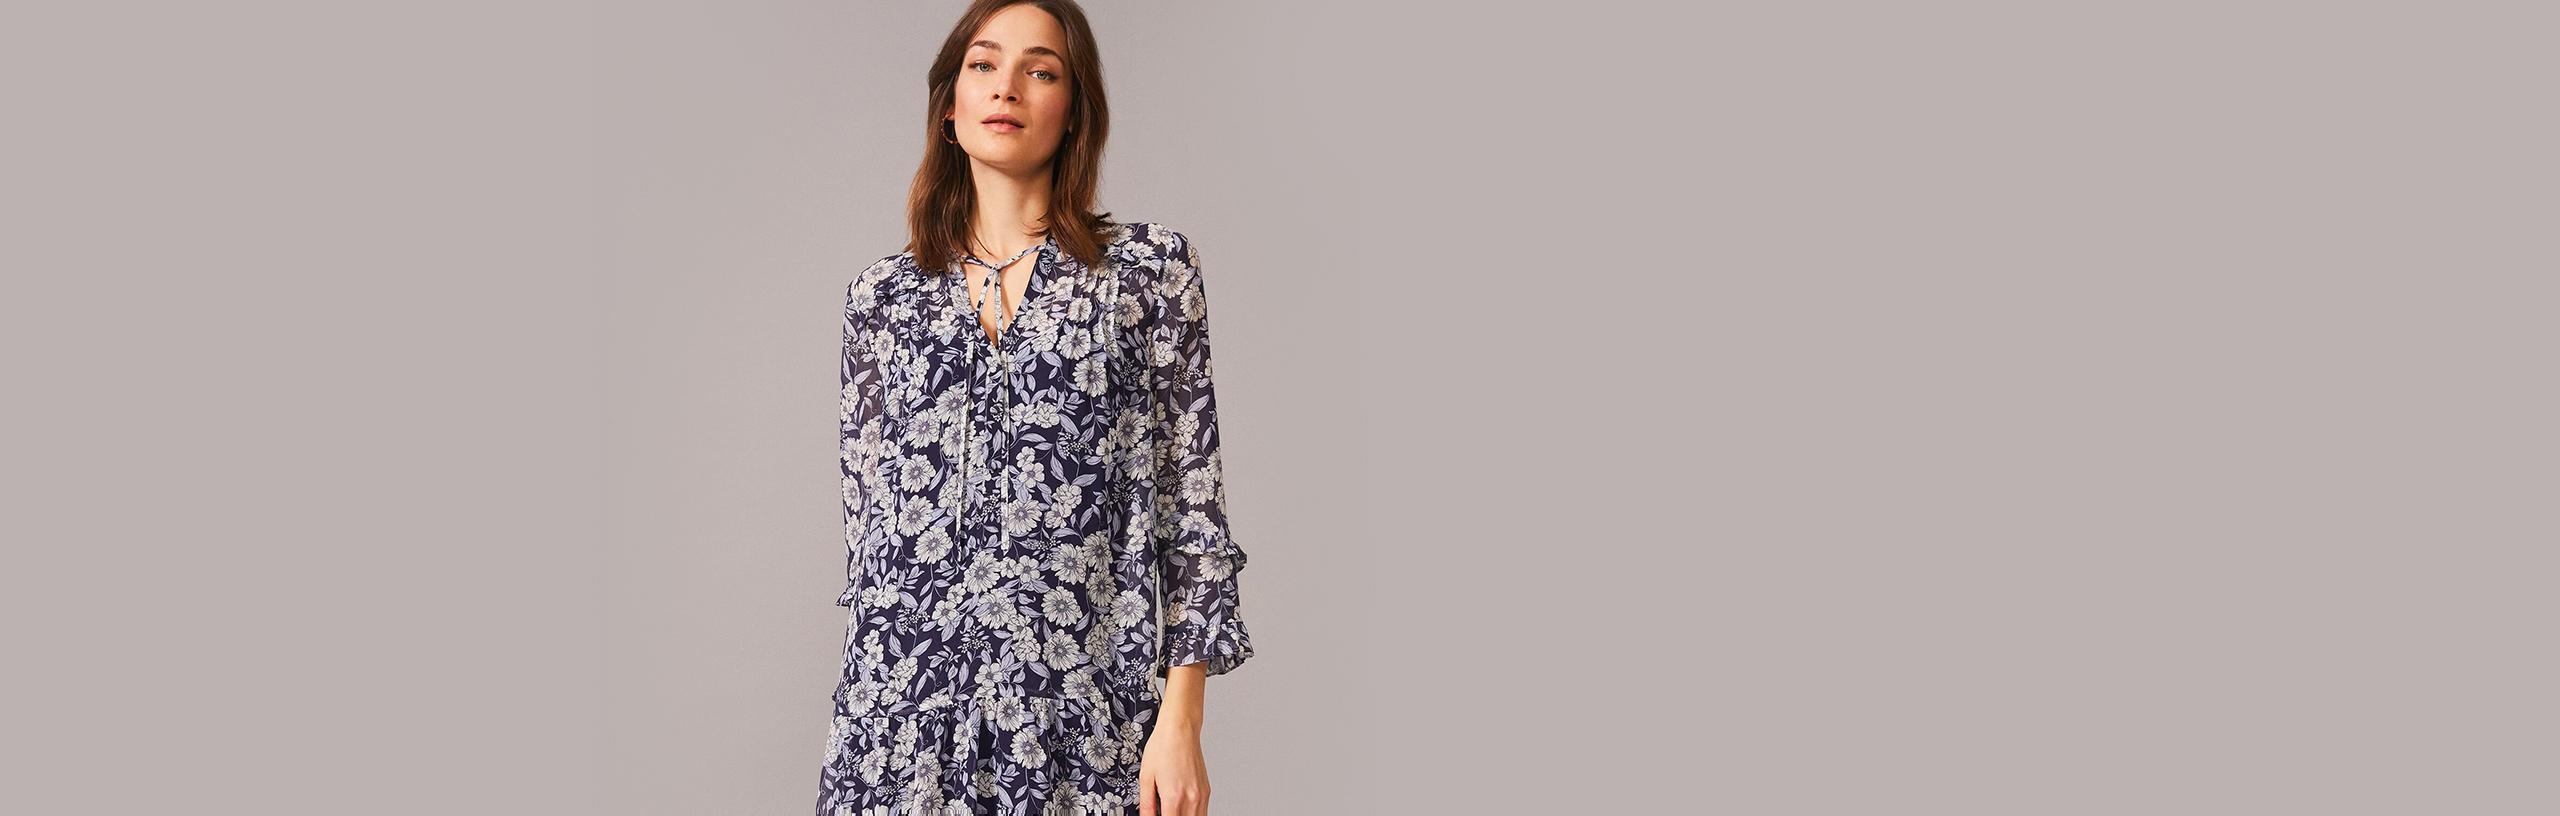 £89 Dresses